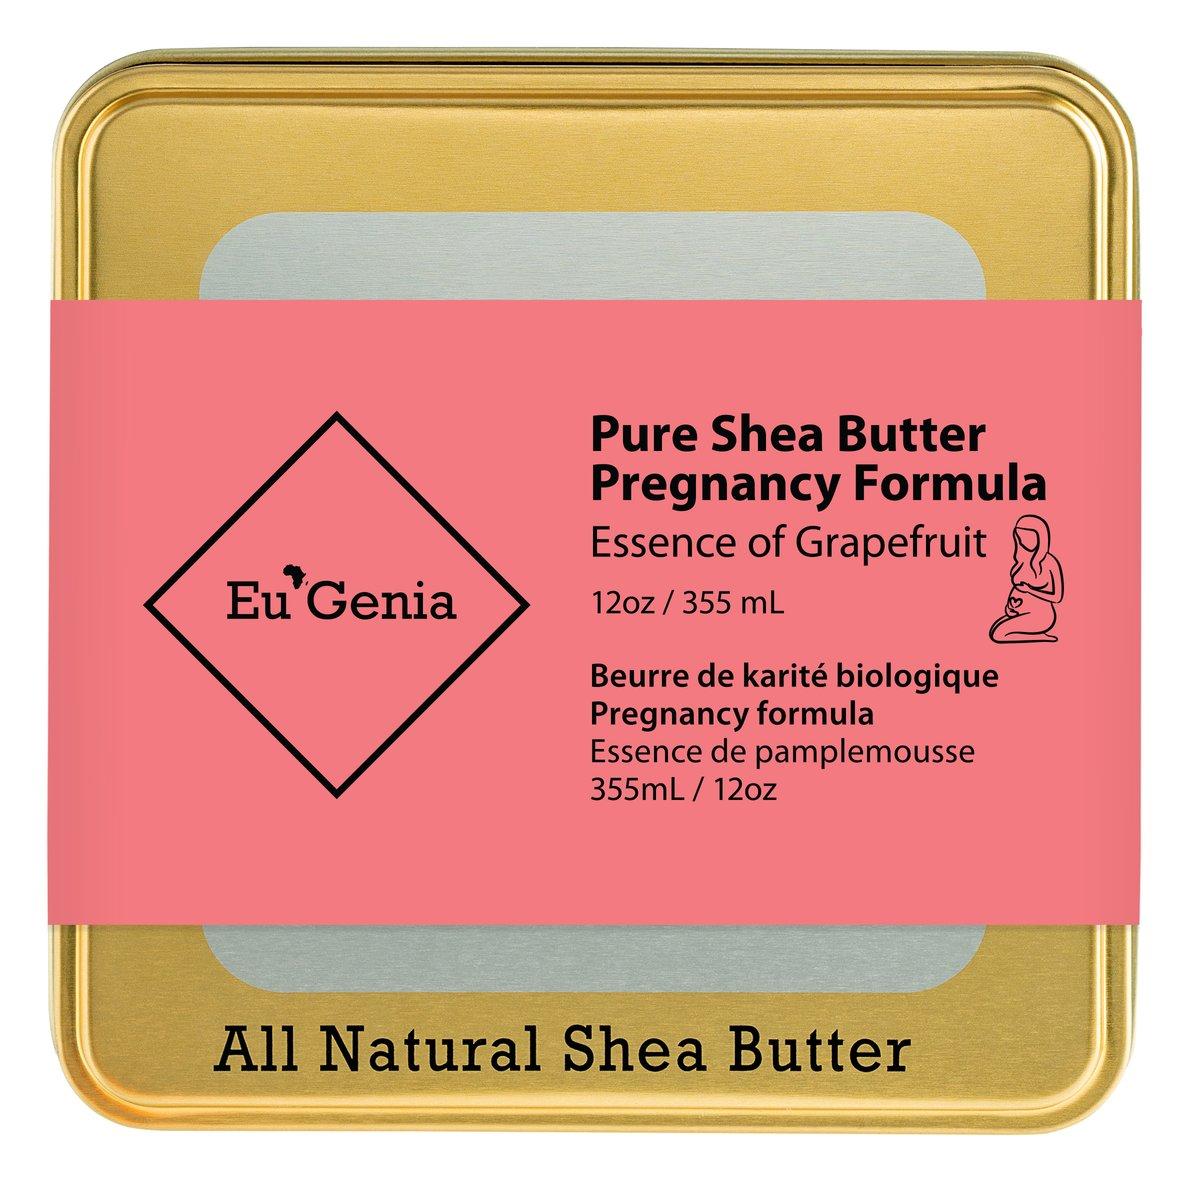 uva genia manteiga da ue